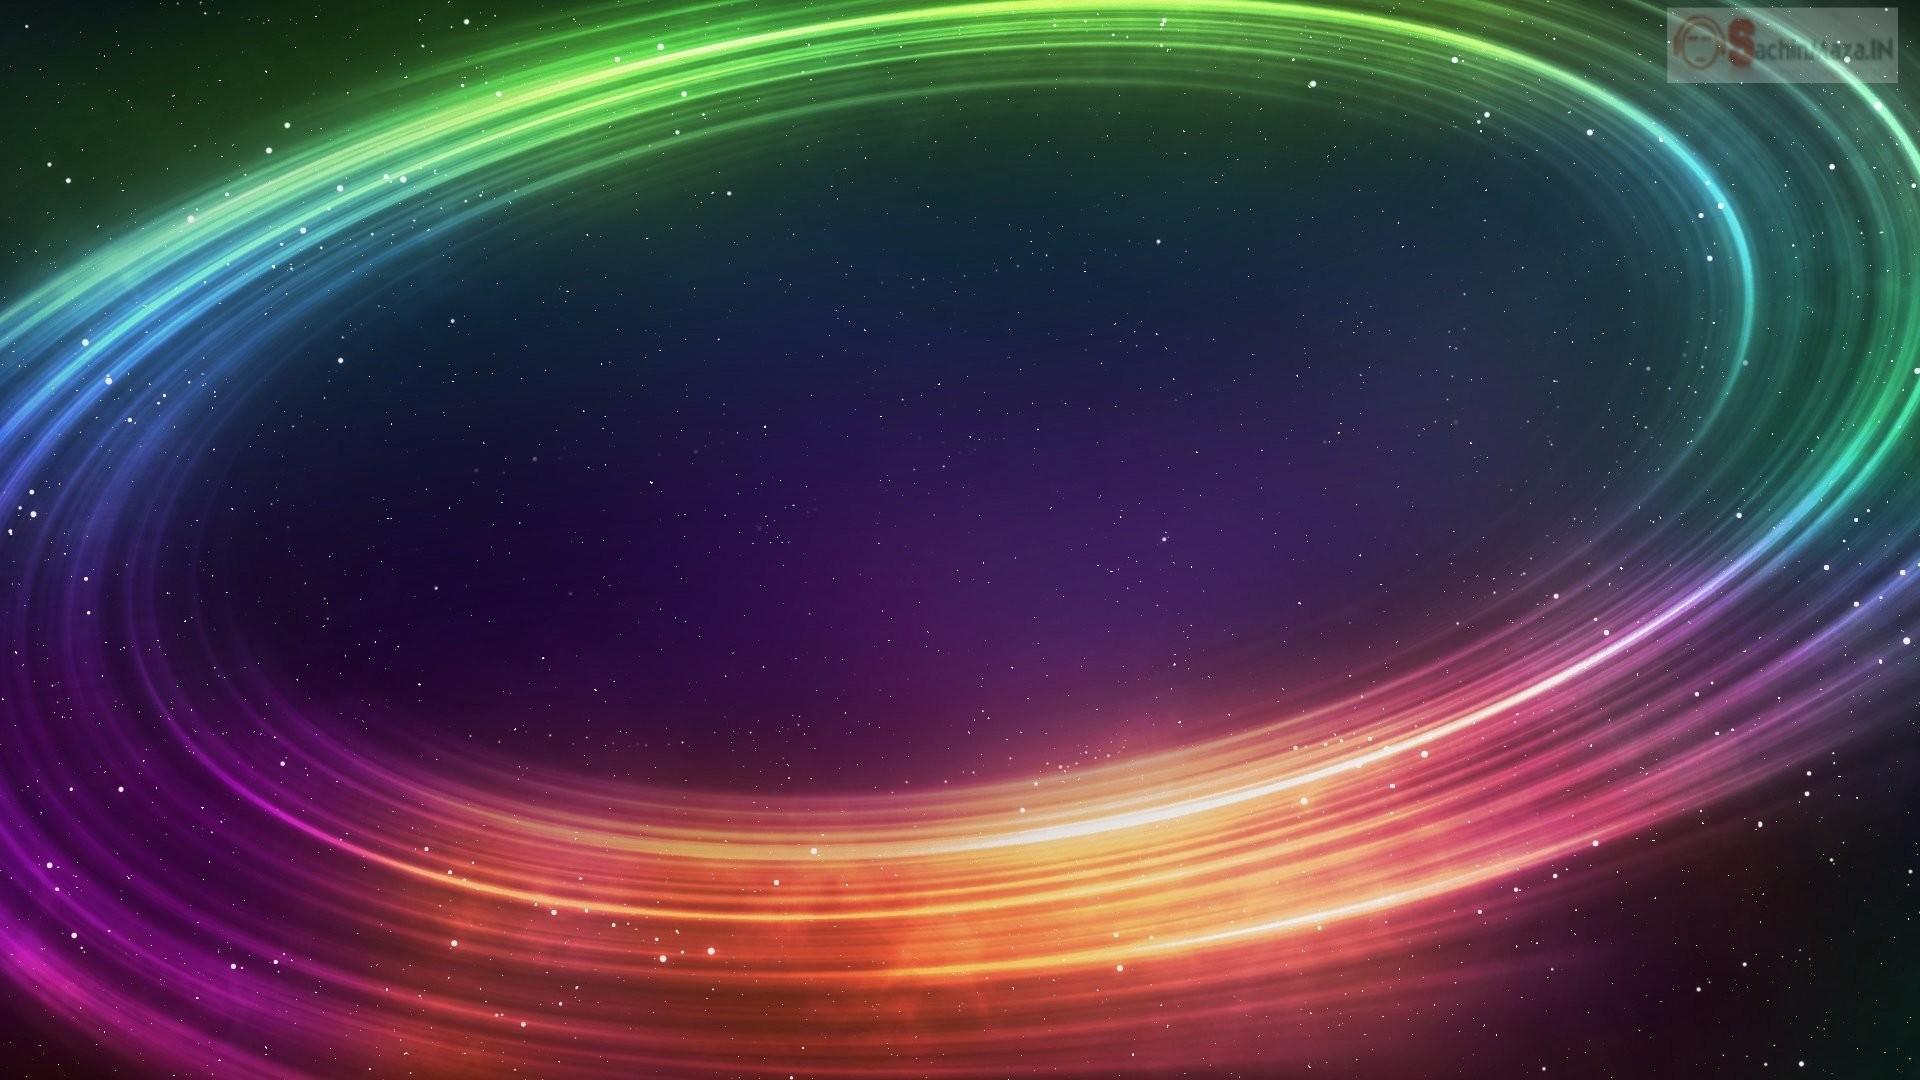 Color Swirl Wallpaper